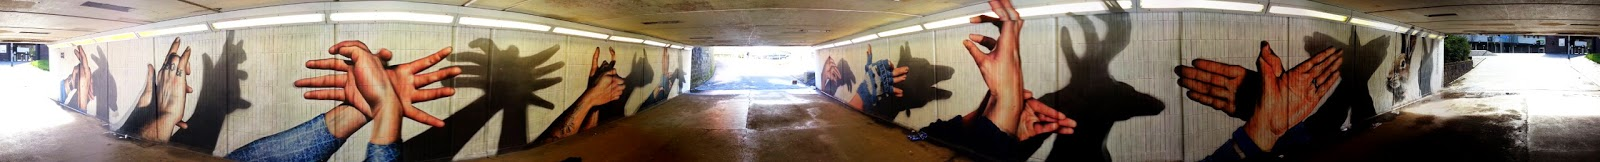 Cowcaddens Underpass, Rogue One, Artpistol, Glasgow